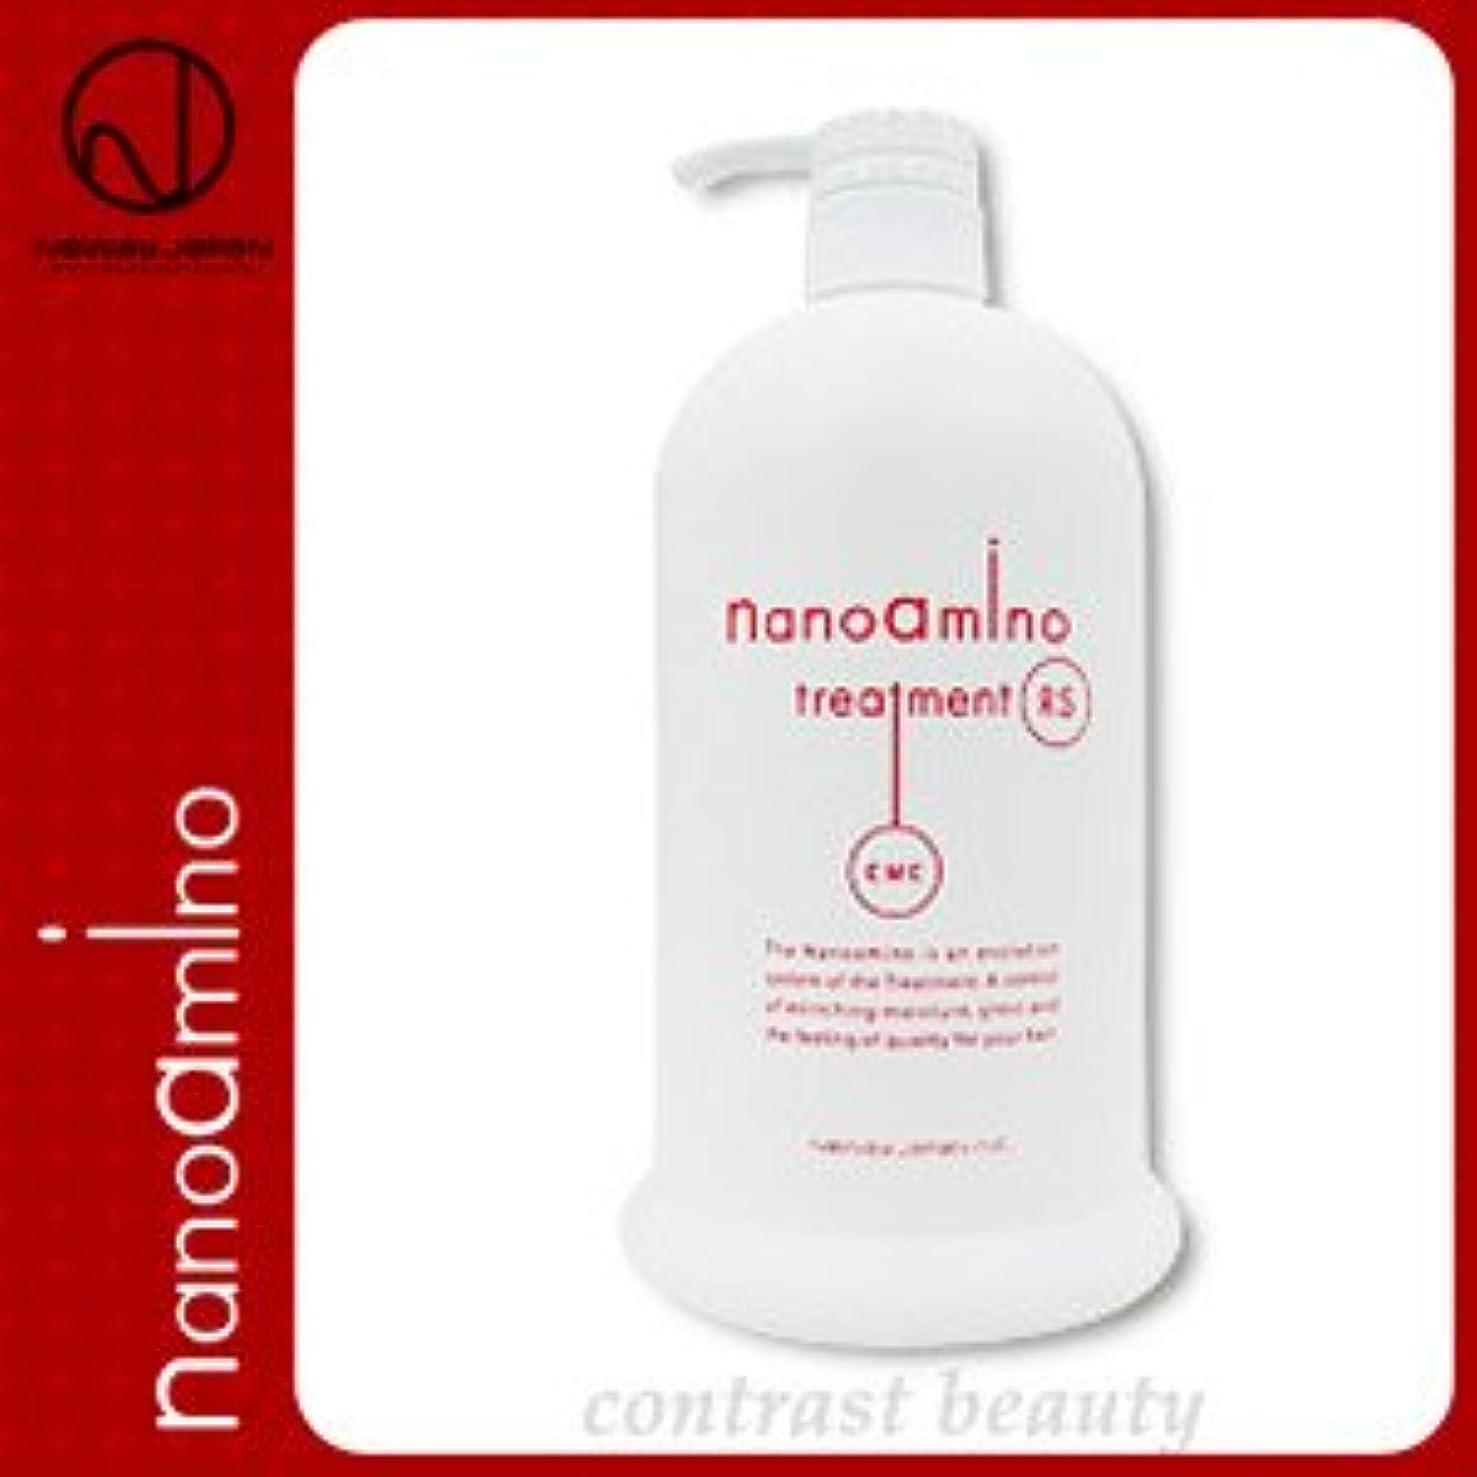 それ反論に同意する【X3個セット】 ニューウェイジャパン ナノアミノ トリートメントRS 1000g ポンプ付き容器入り NewayJapan nanoamino